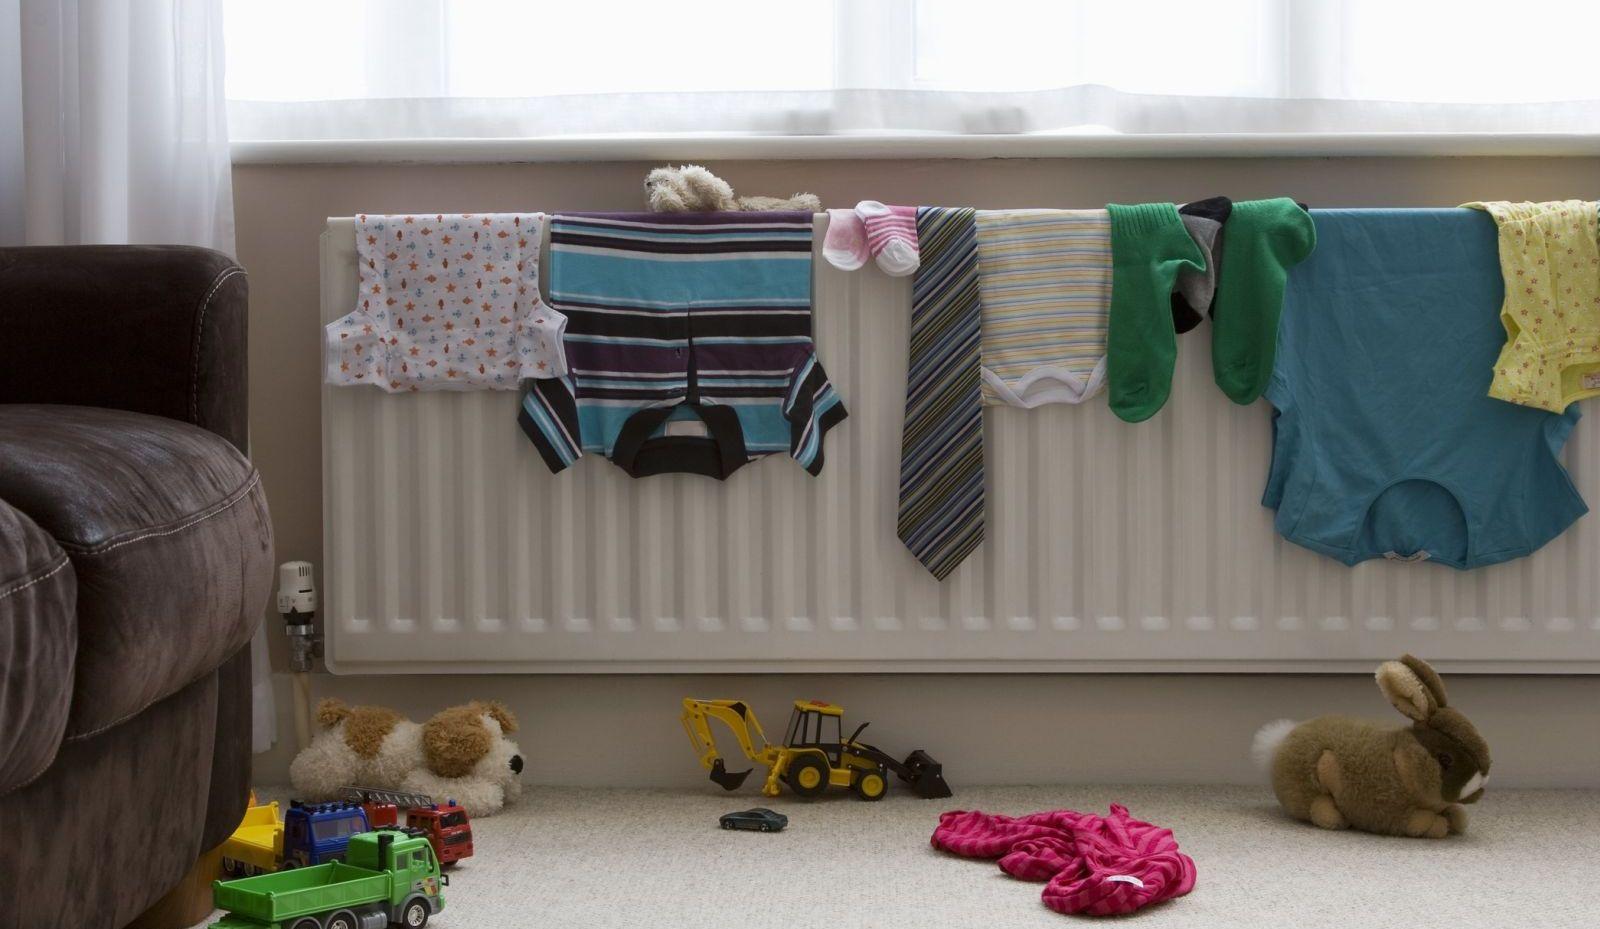 Le 10 regole pratiche per riscaldare casa risparmiando - Riscaldare casa ...